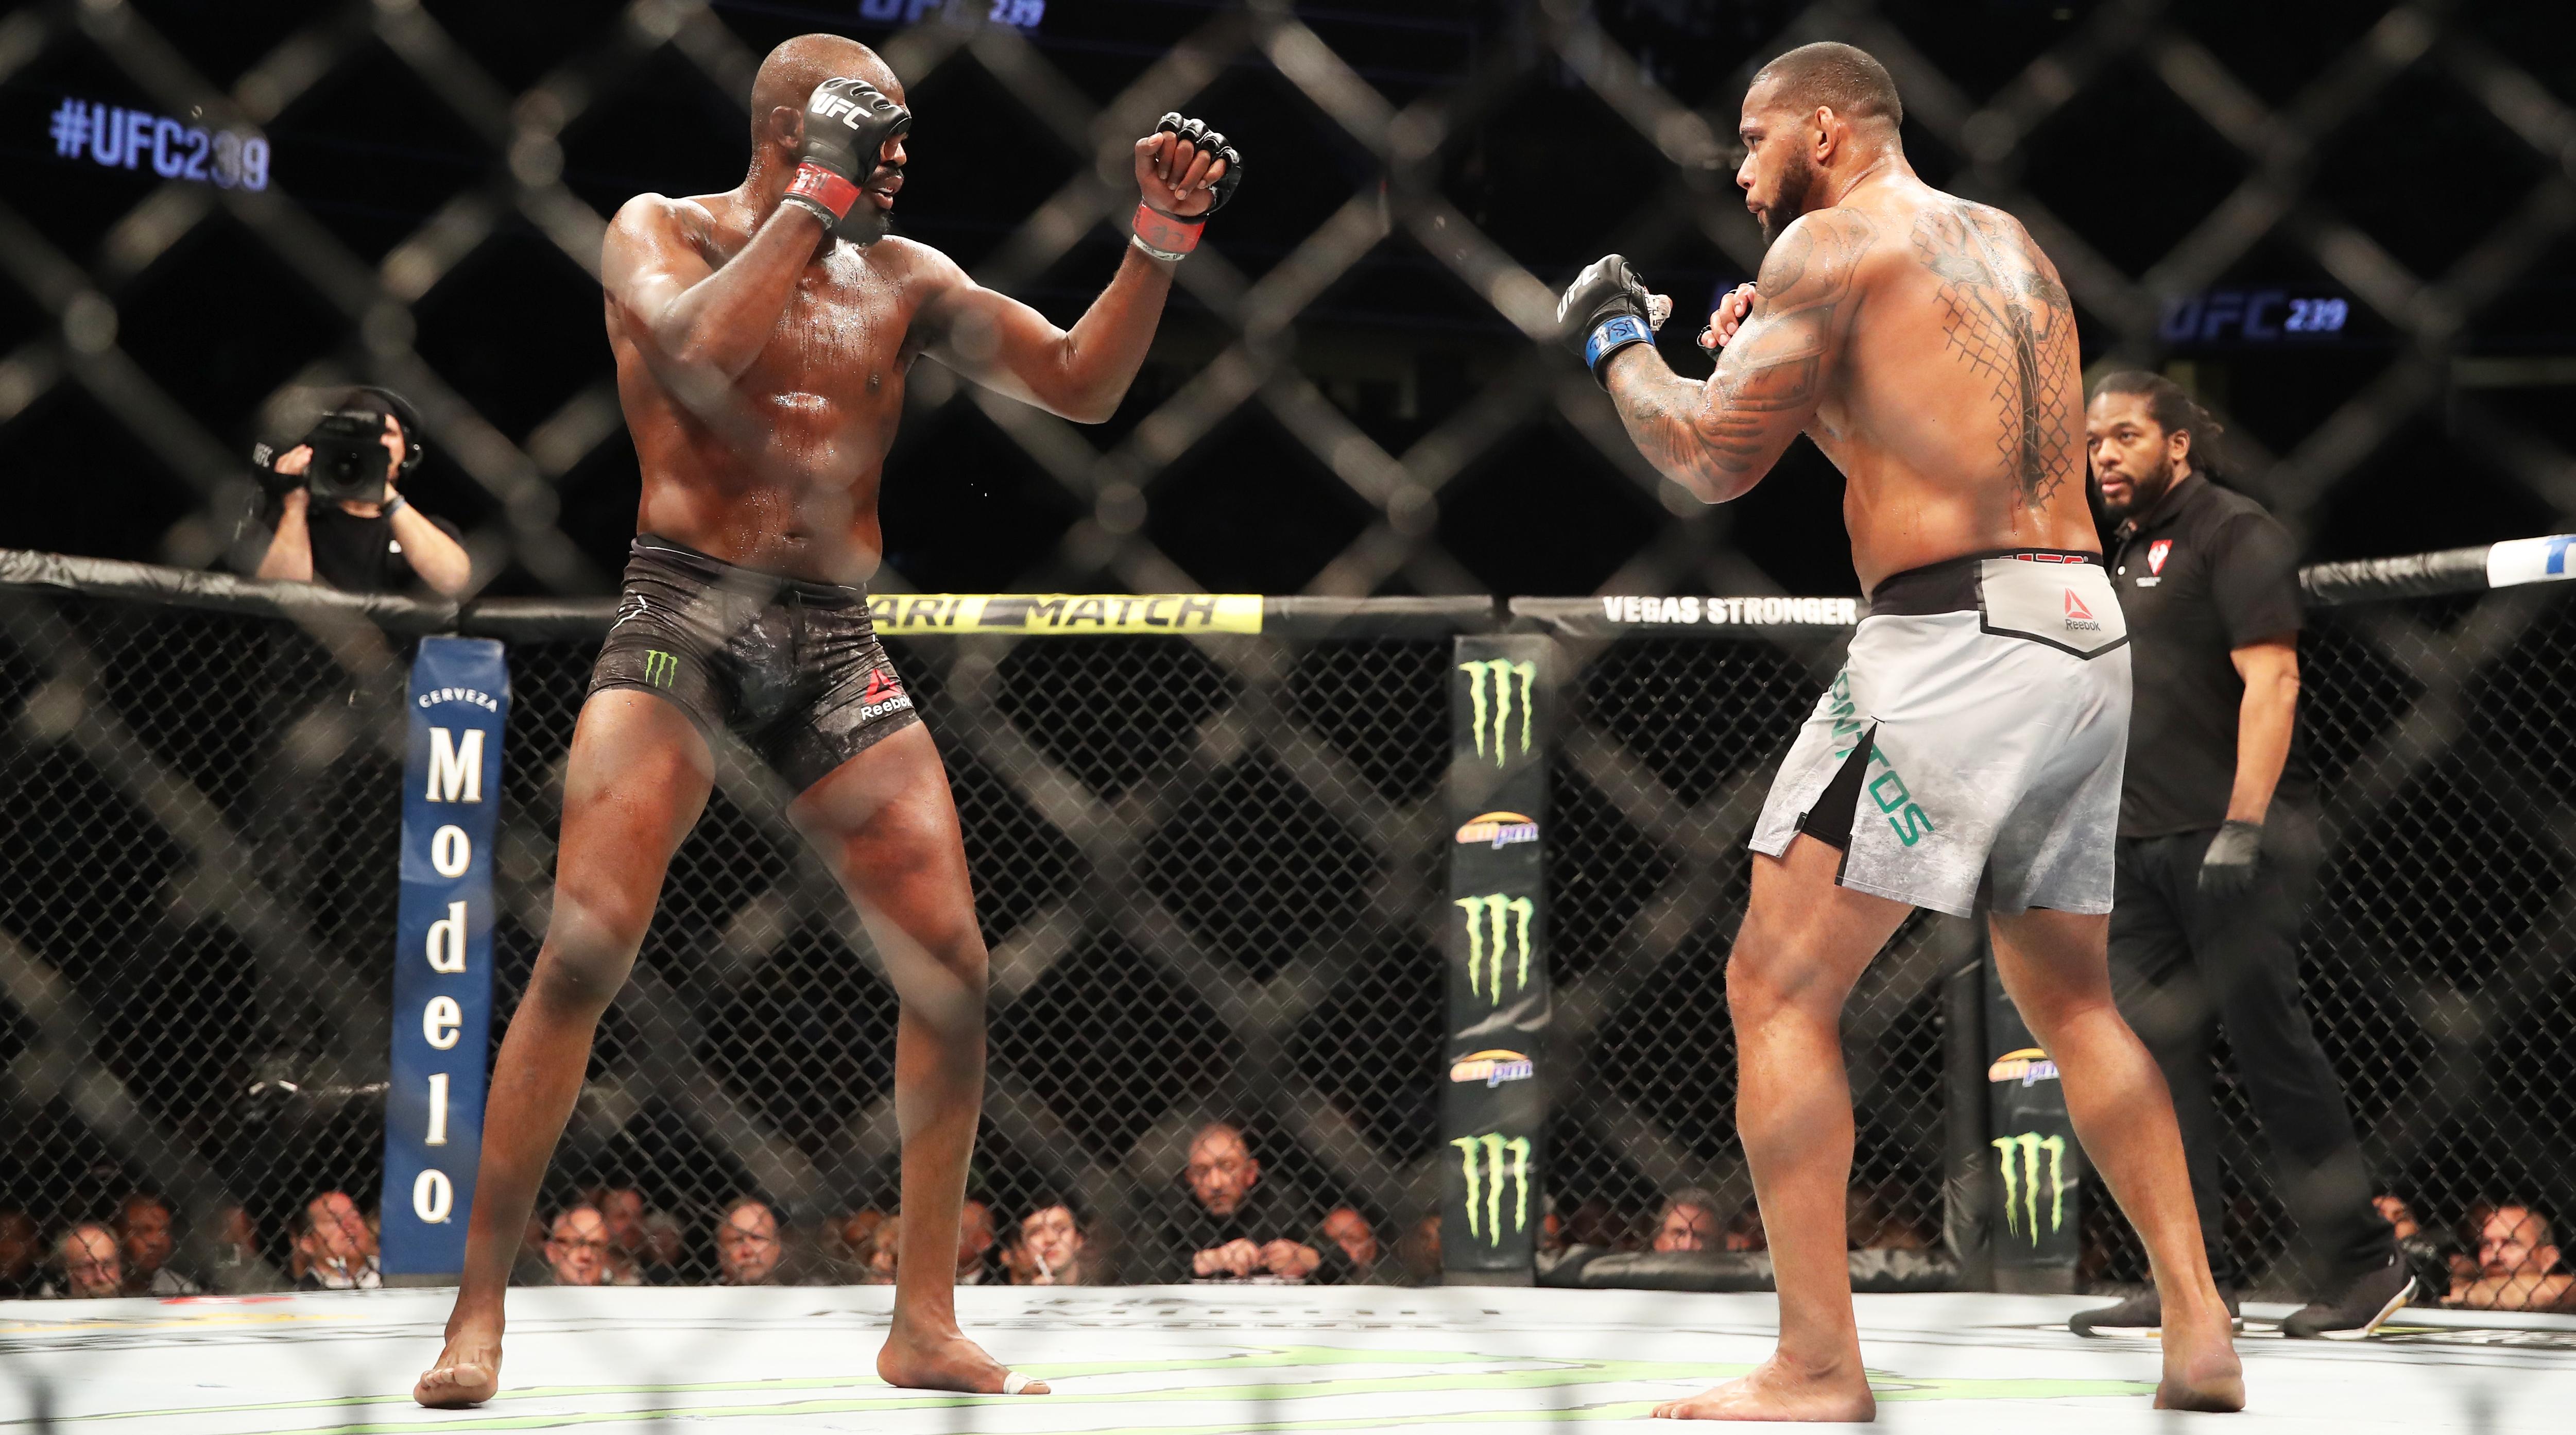 UFC 239: Weigh-ins